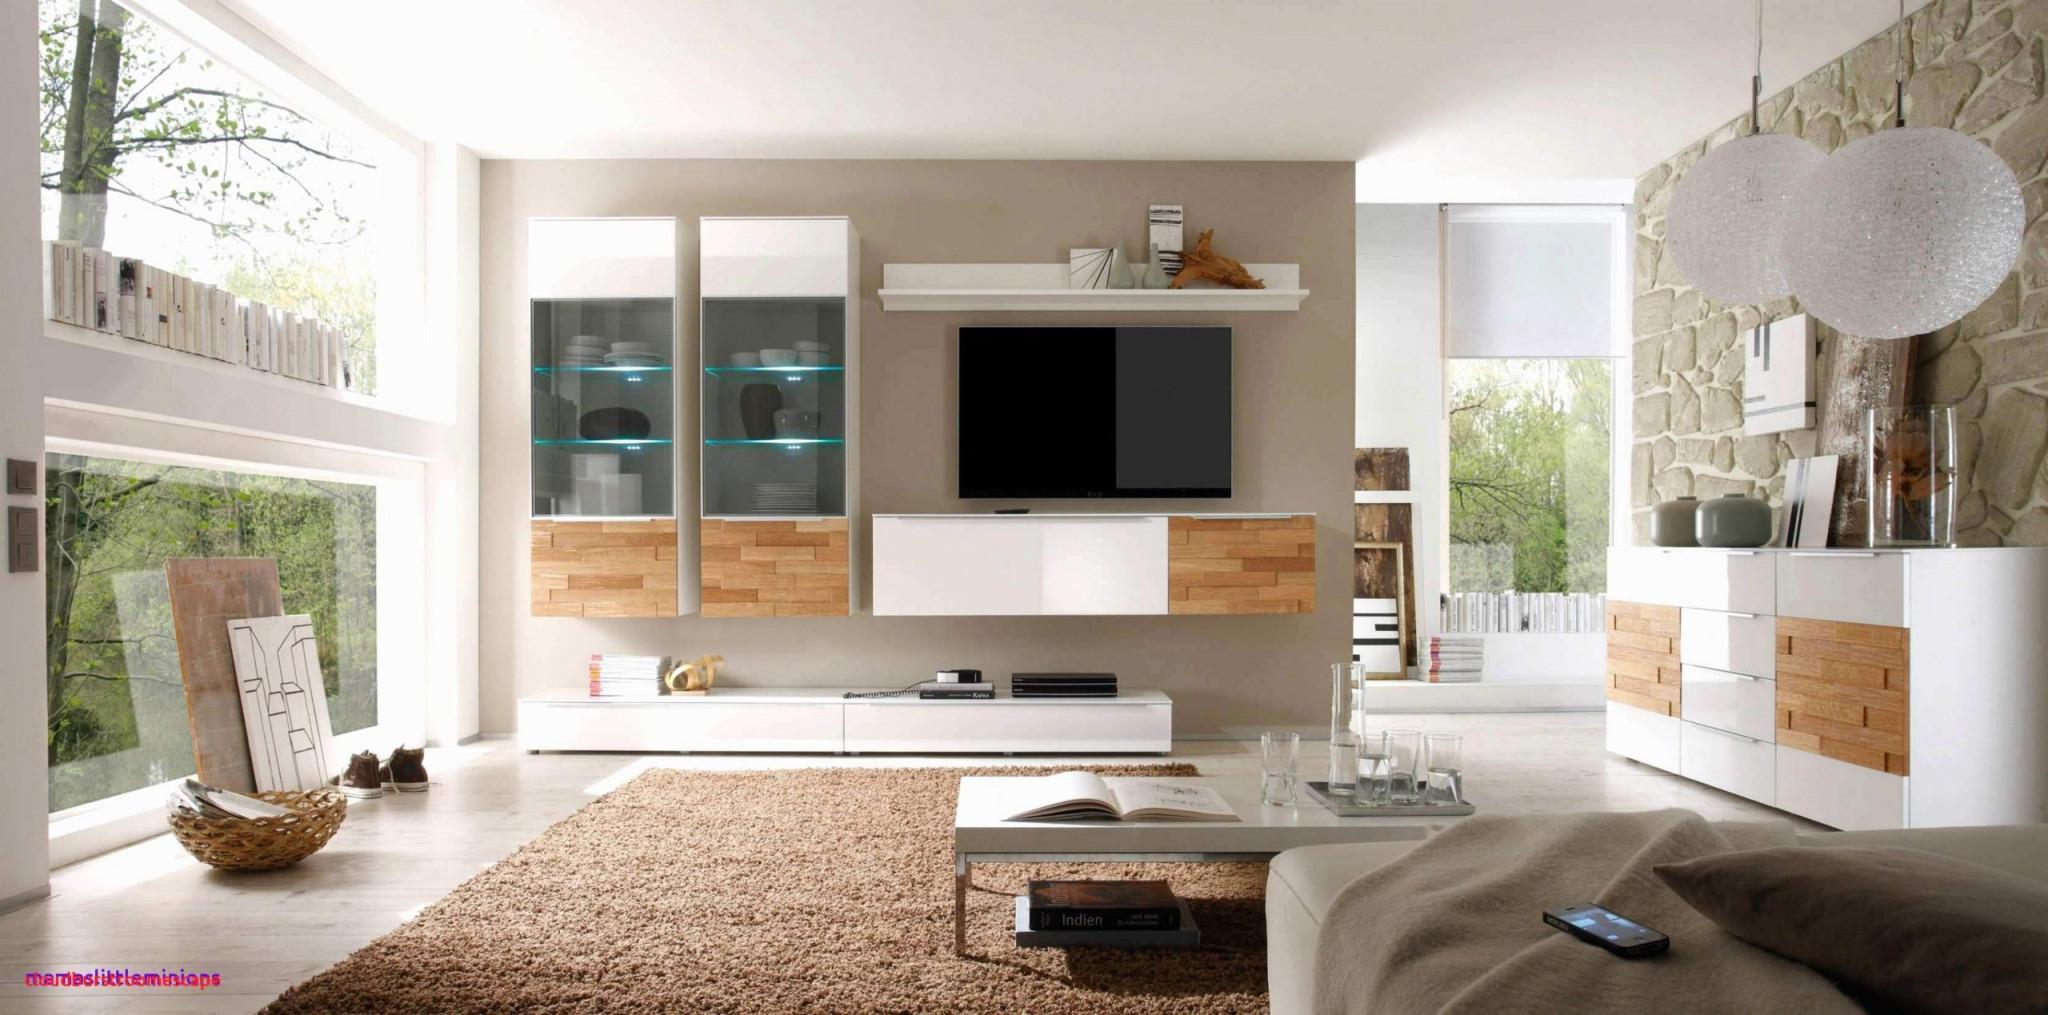 Wohnzimmer Gestalten Ideen Bilder Reizend 50 Tolle Von von Wohnzimmer Gestalten Ideen Bilder Photo